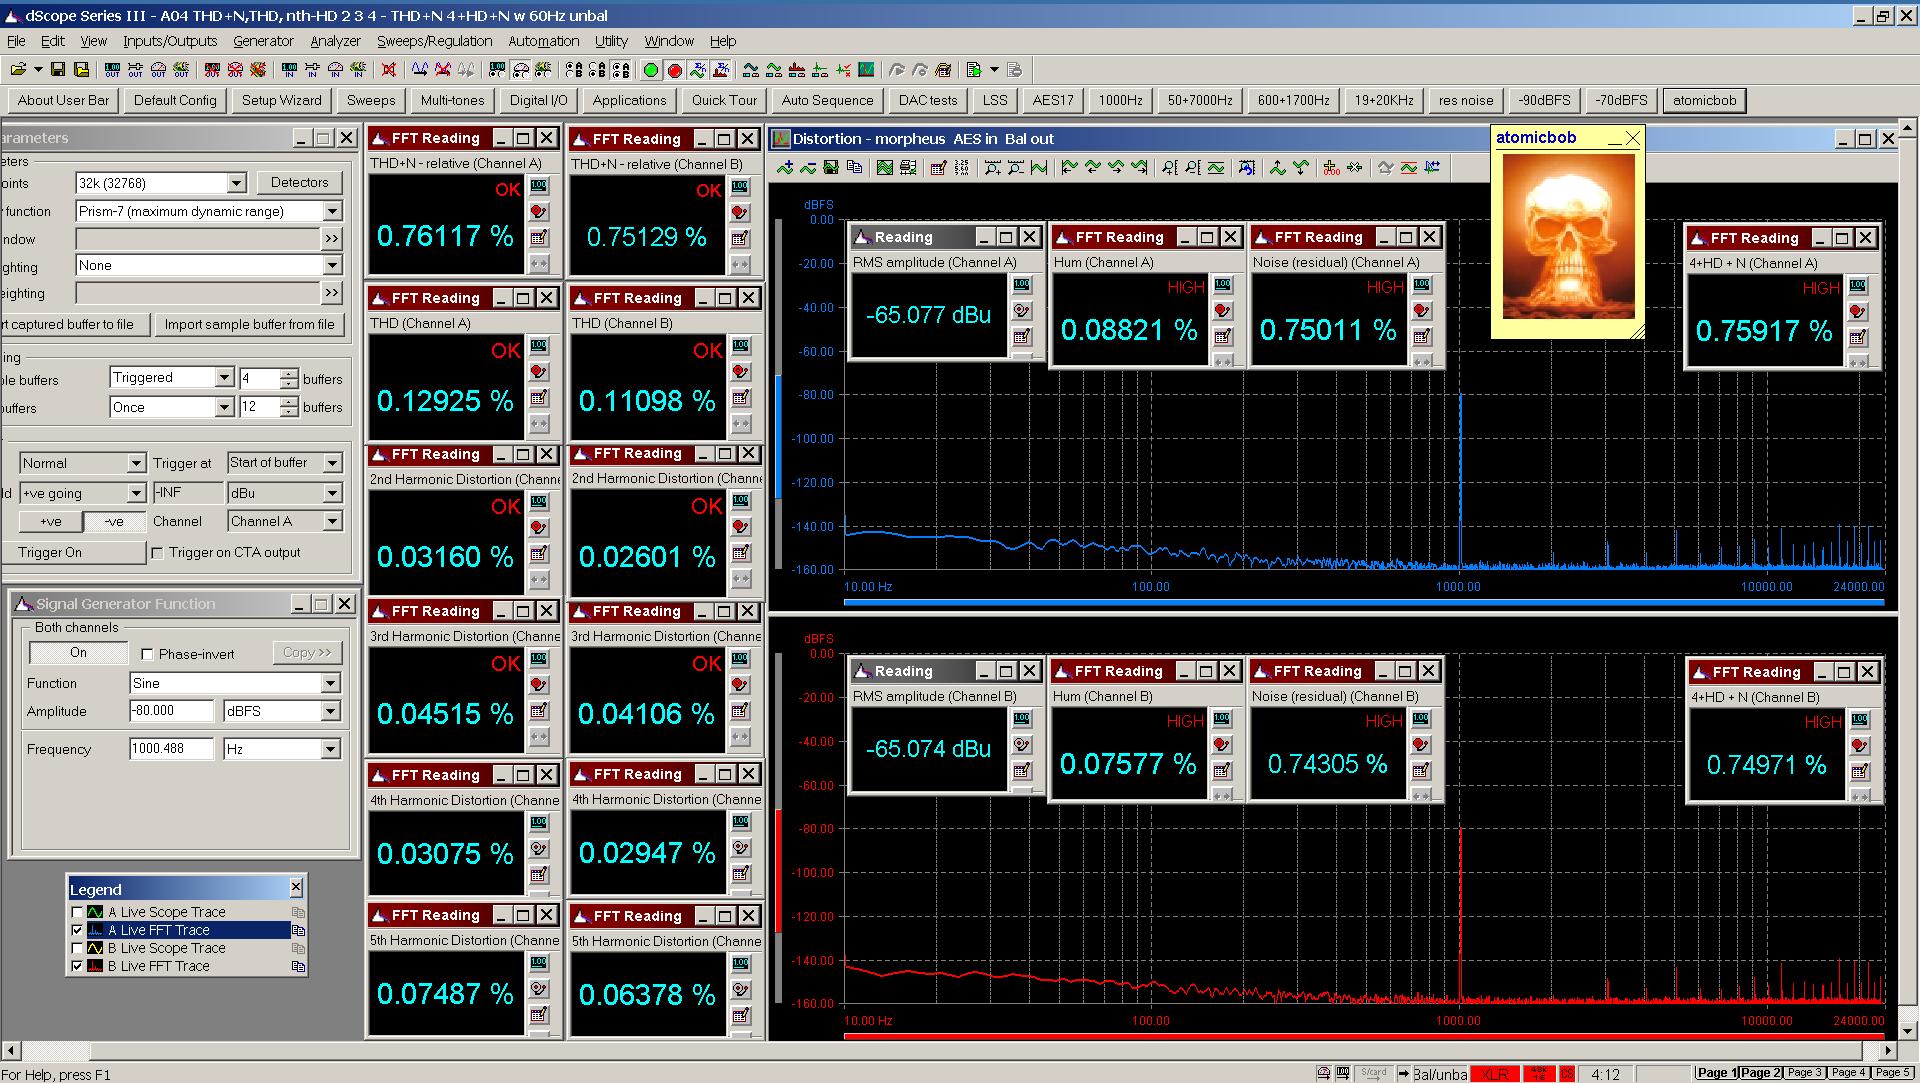 20200723 morpheus A04 THD+N THD nth-HD 4+HD+N 60Hz FFT Bal -80dBFS - AES.png